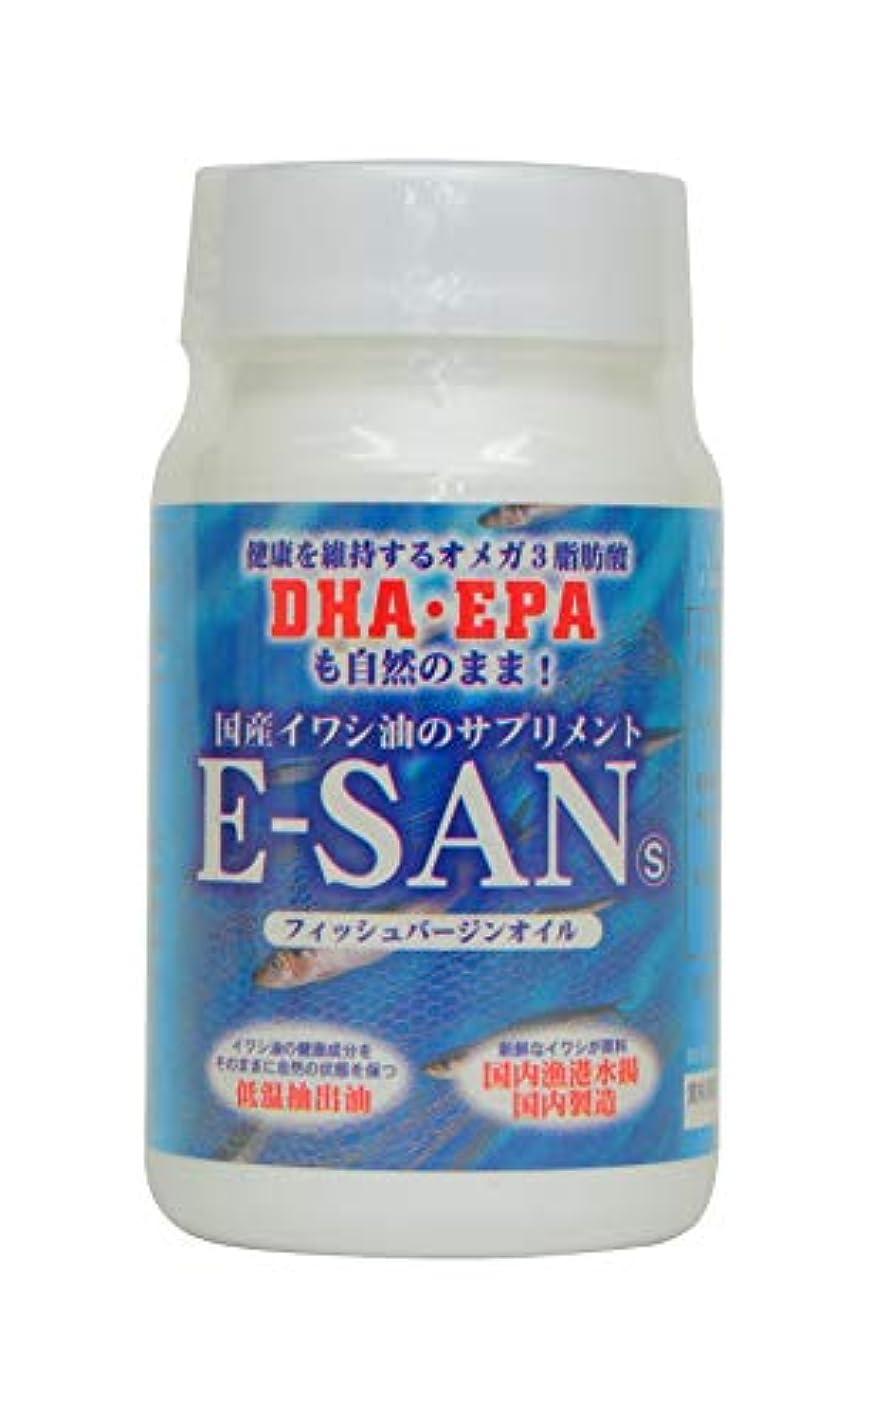 嫌なすり減るヘアE-SAN イーサン 150粒 国産 イワシ油 EPA DHA オメガ3脂肪酸 サプリメント